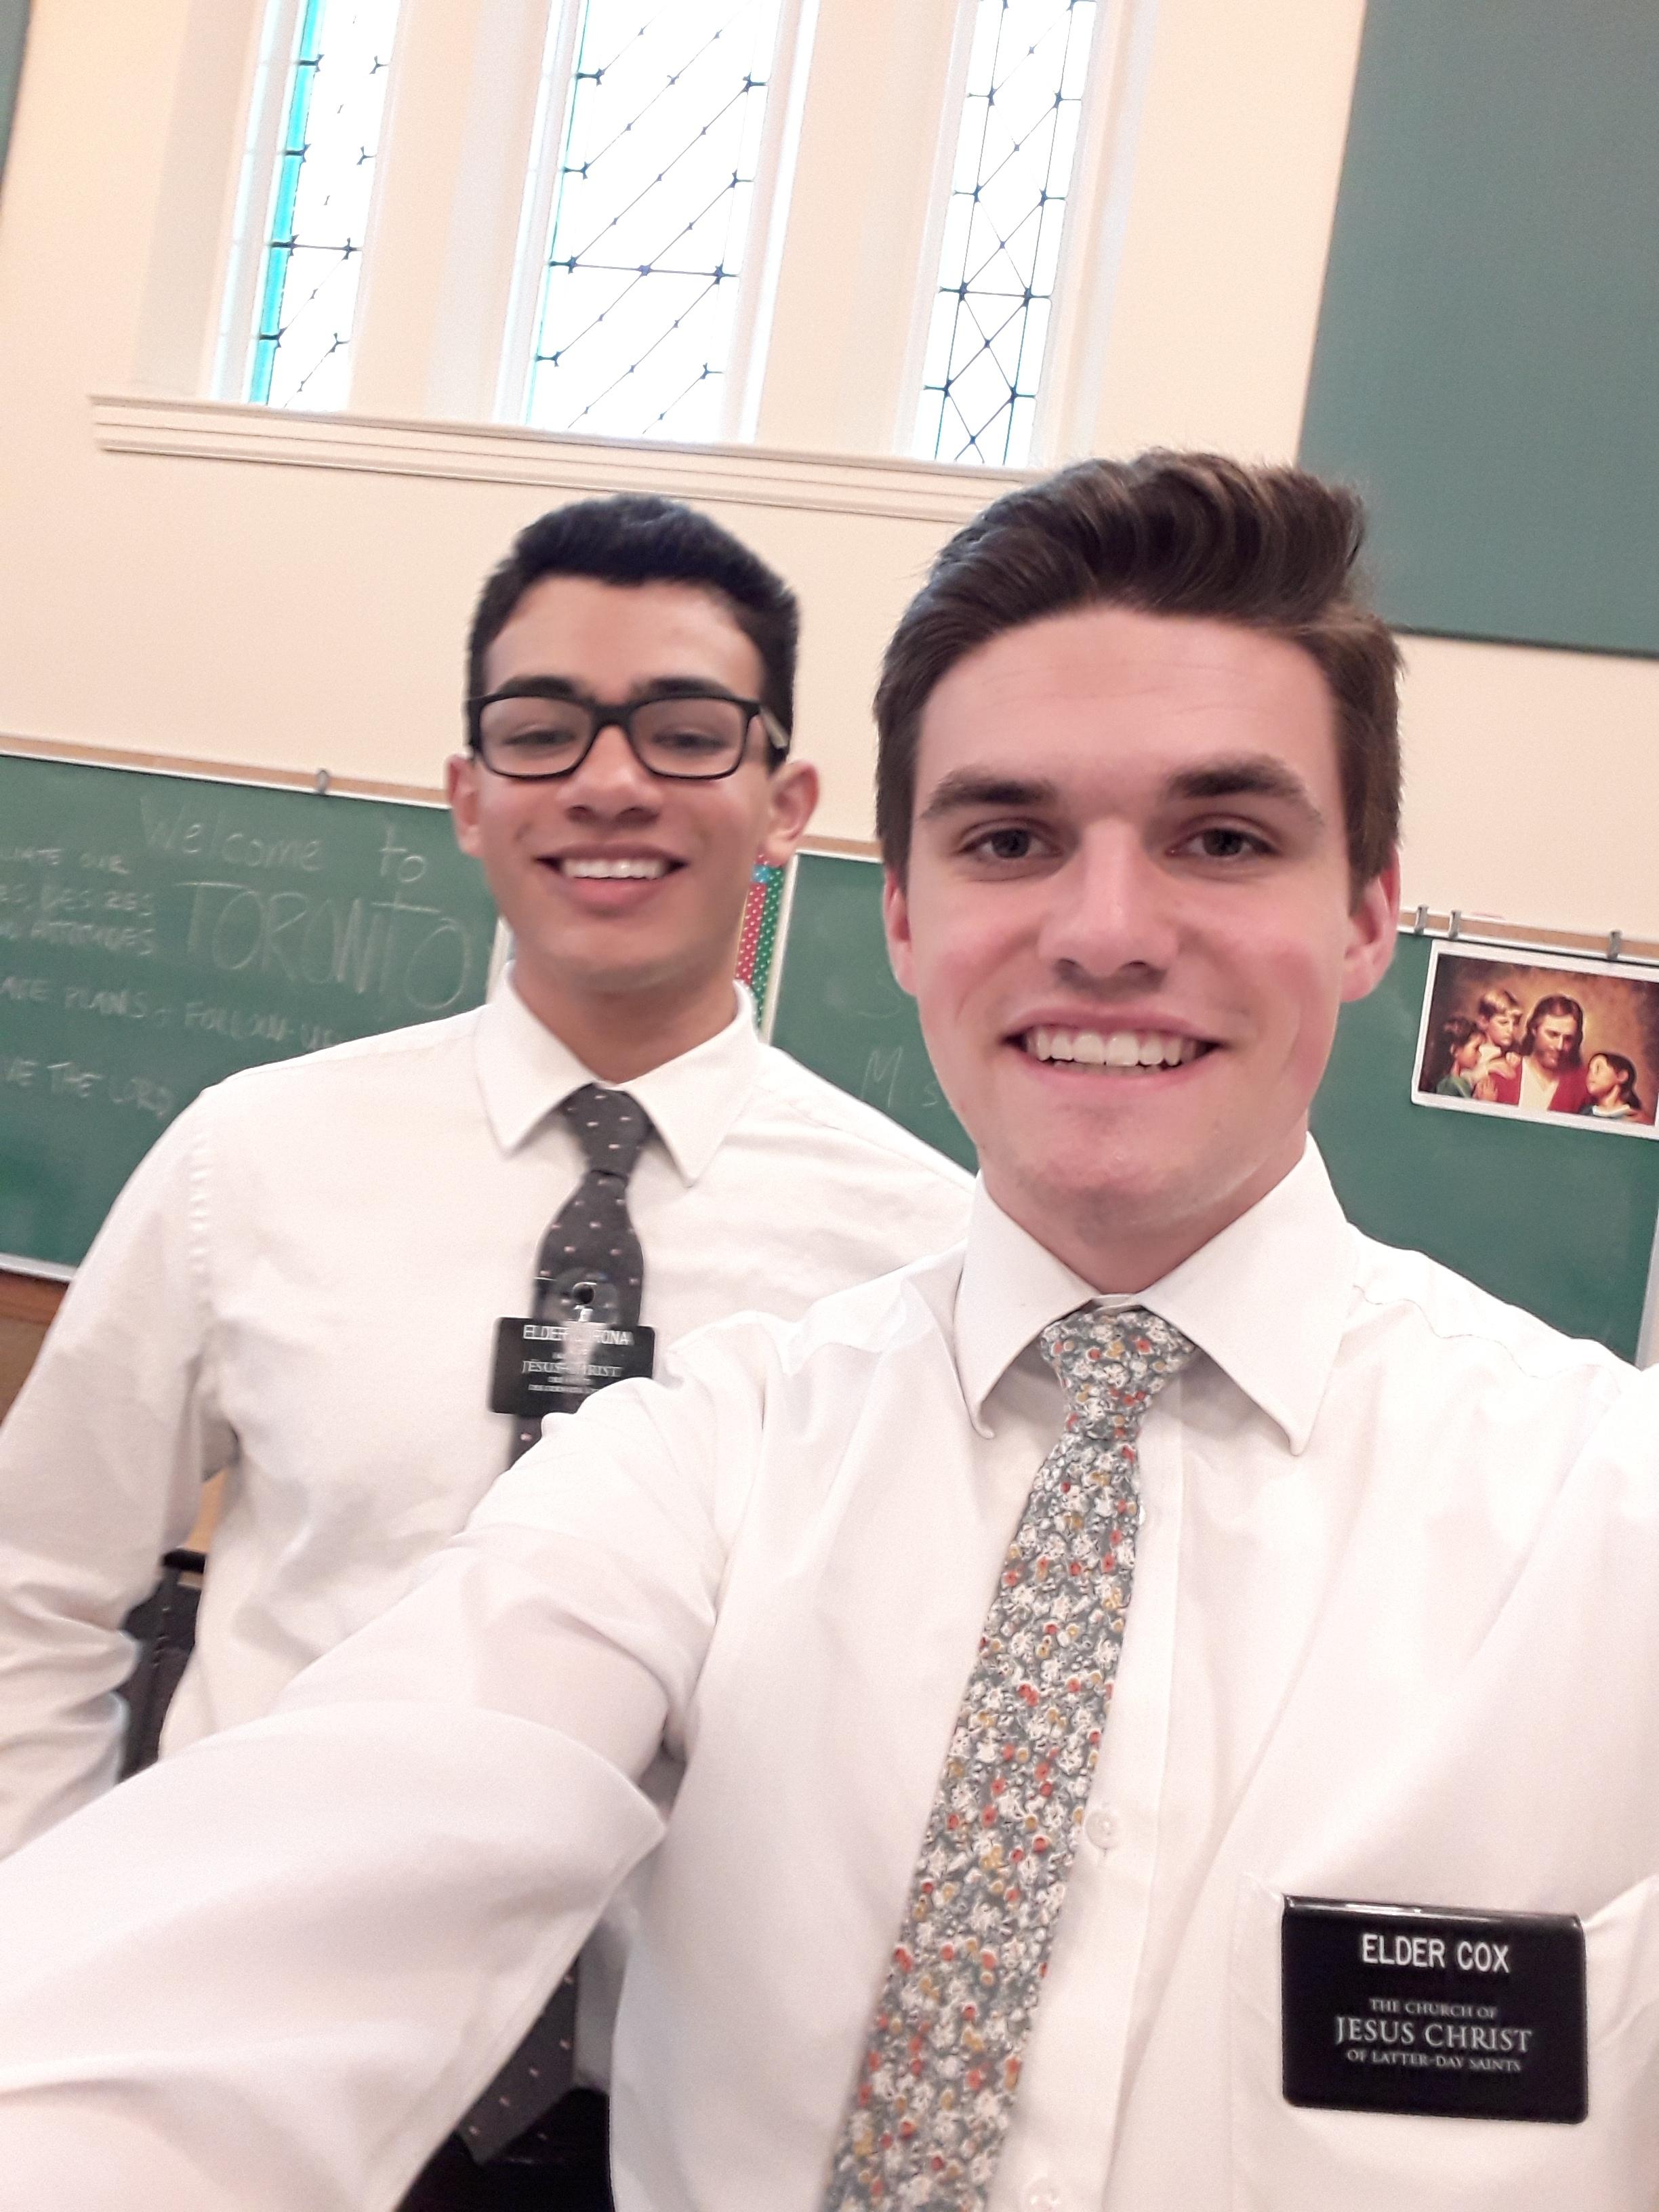 Elder Cox and Elder Corona